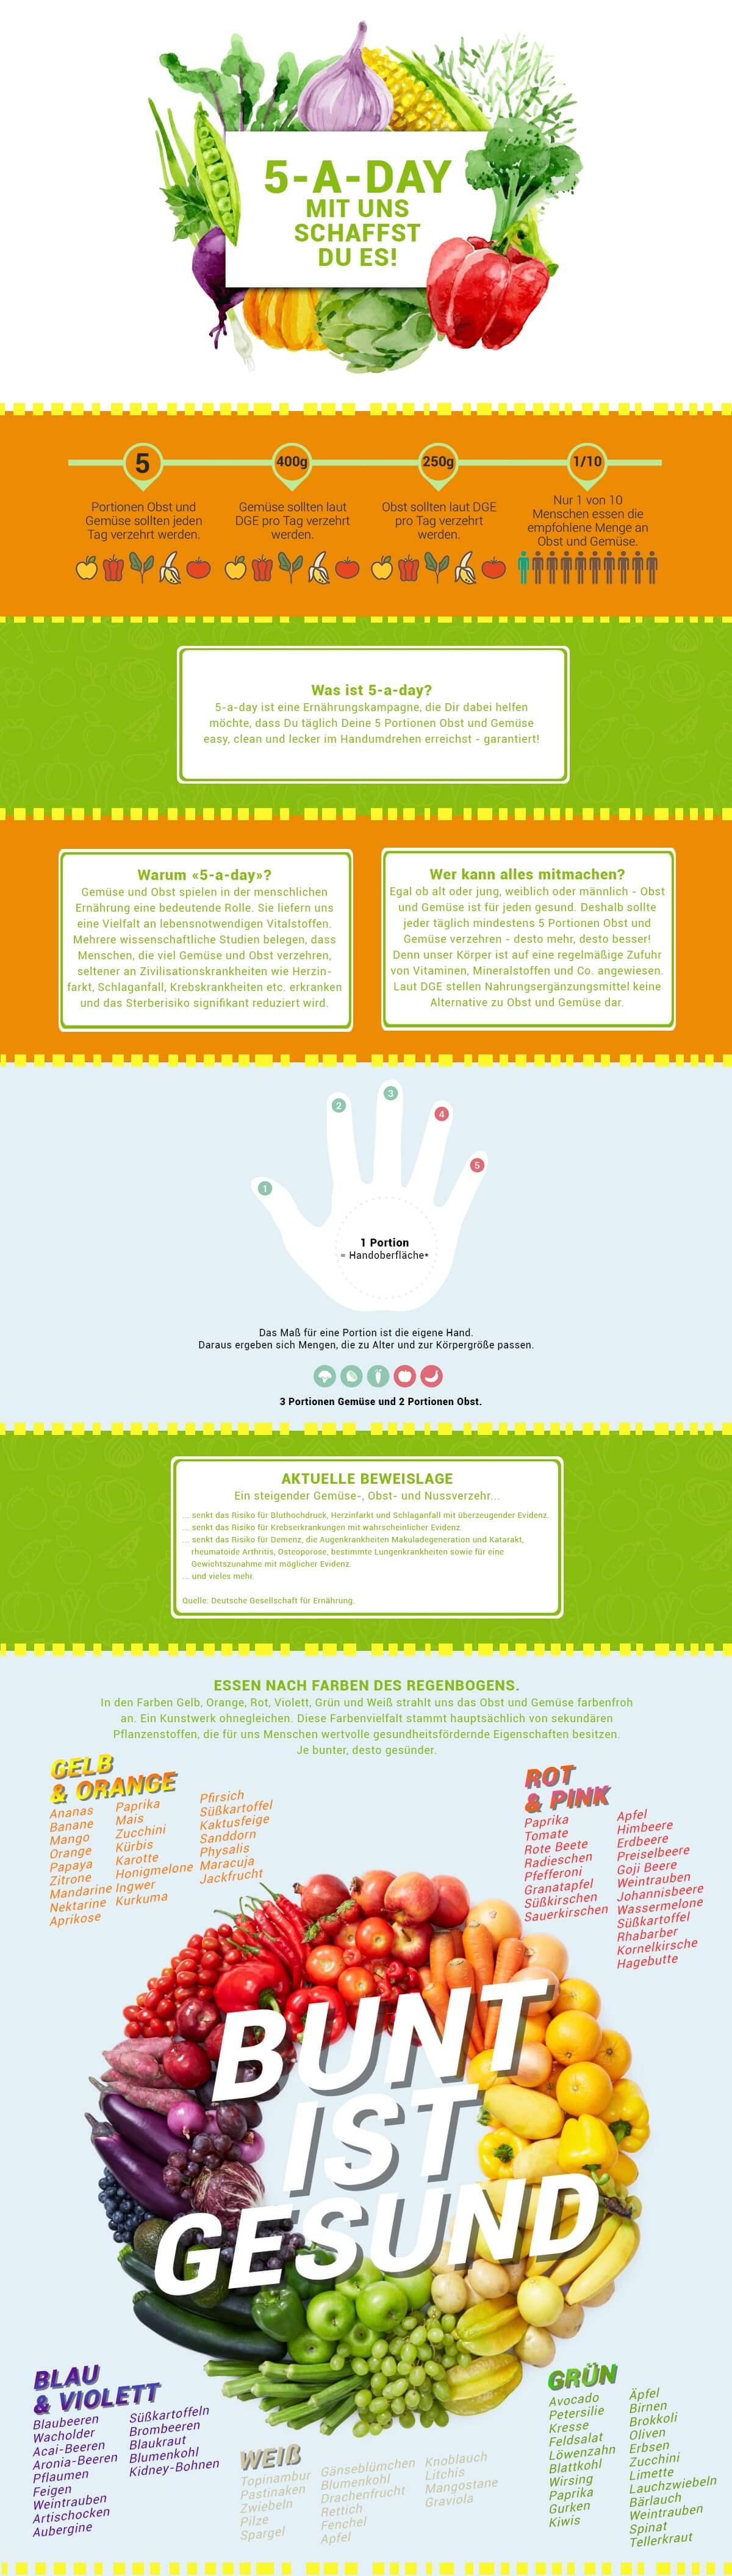 5 Portionen Obst und Gemüse Kampagne